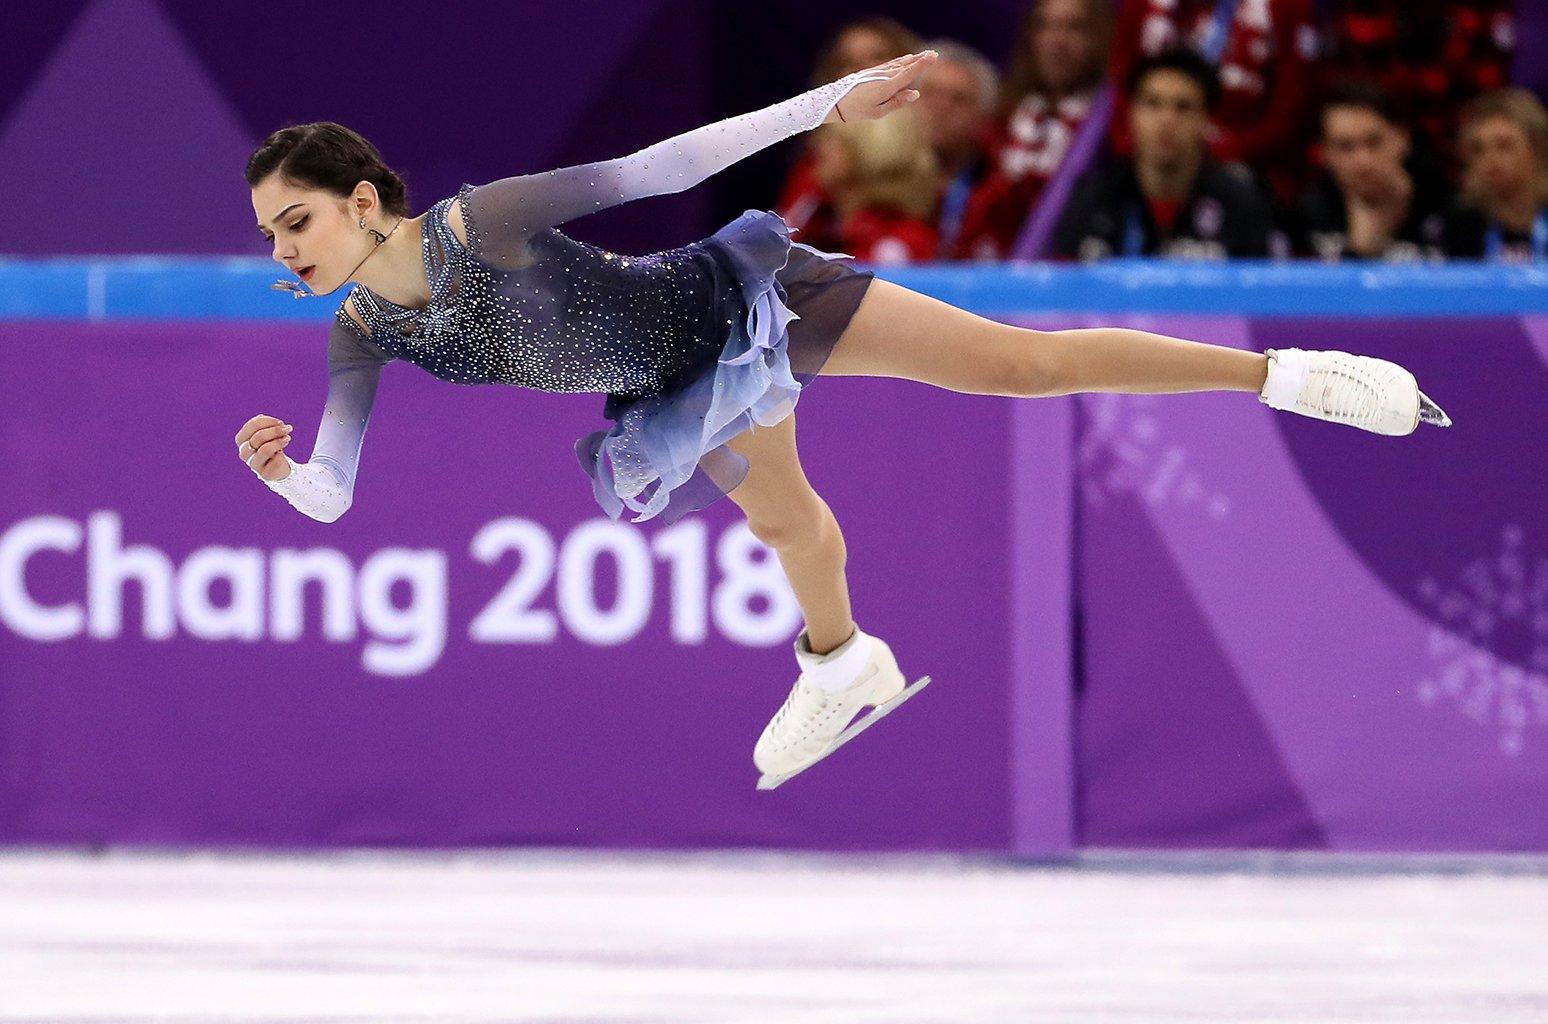 La atleta rusa Evgenia Medvedeva